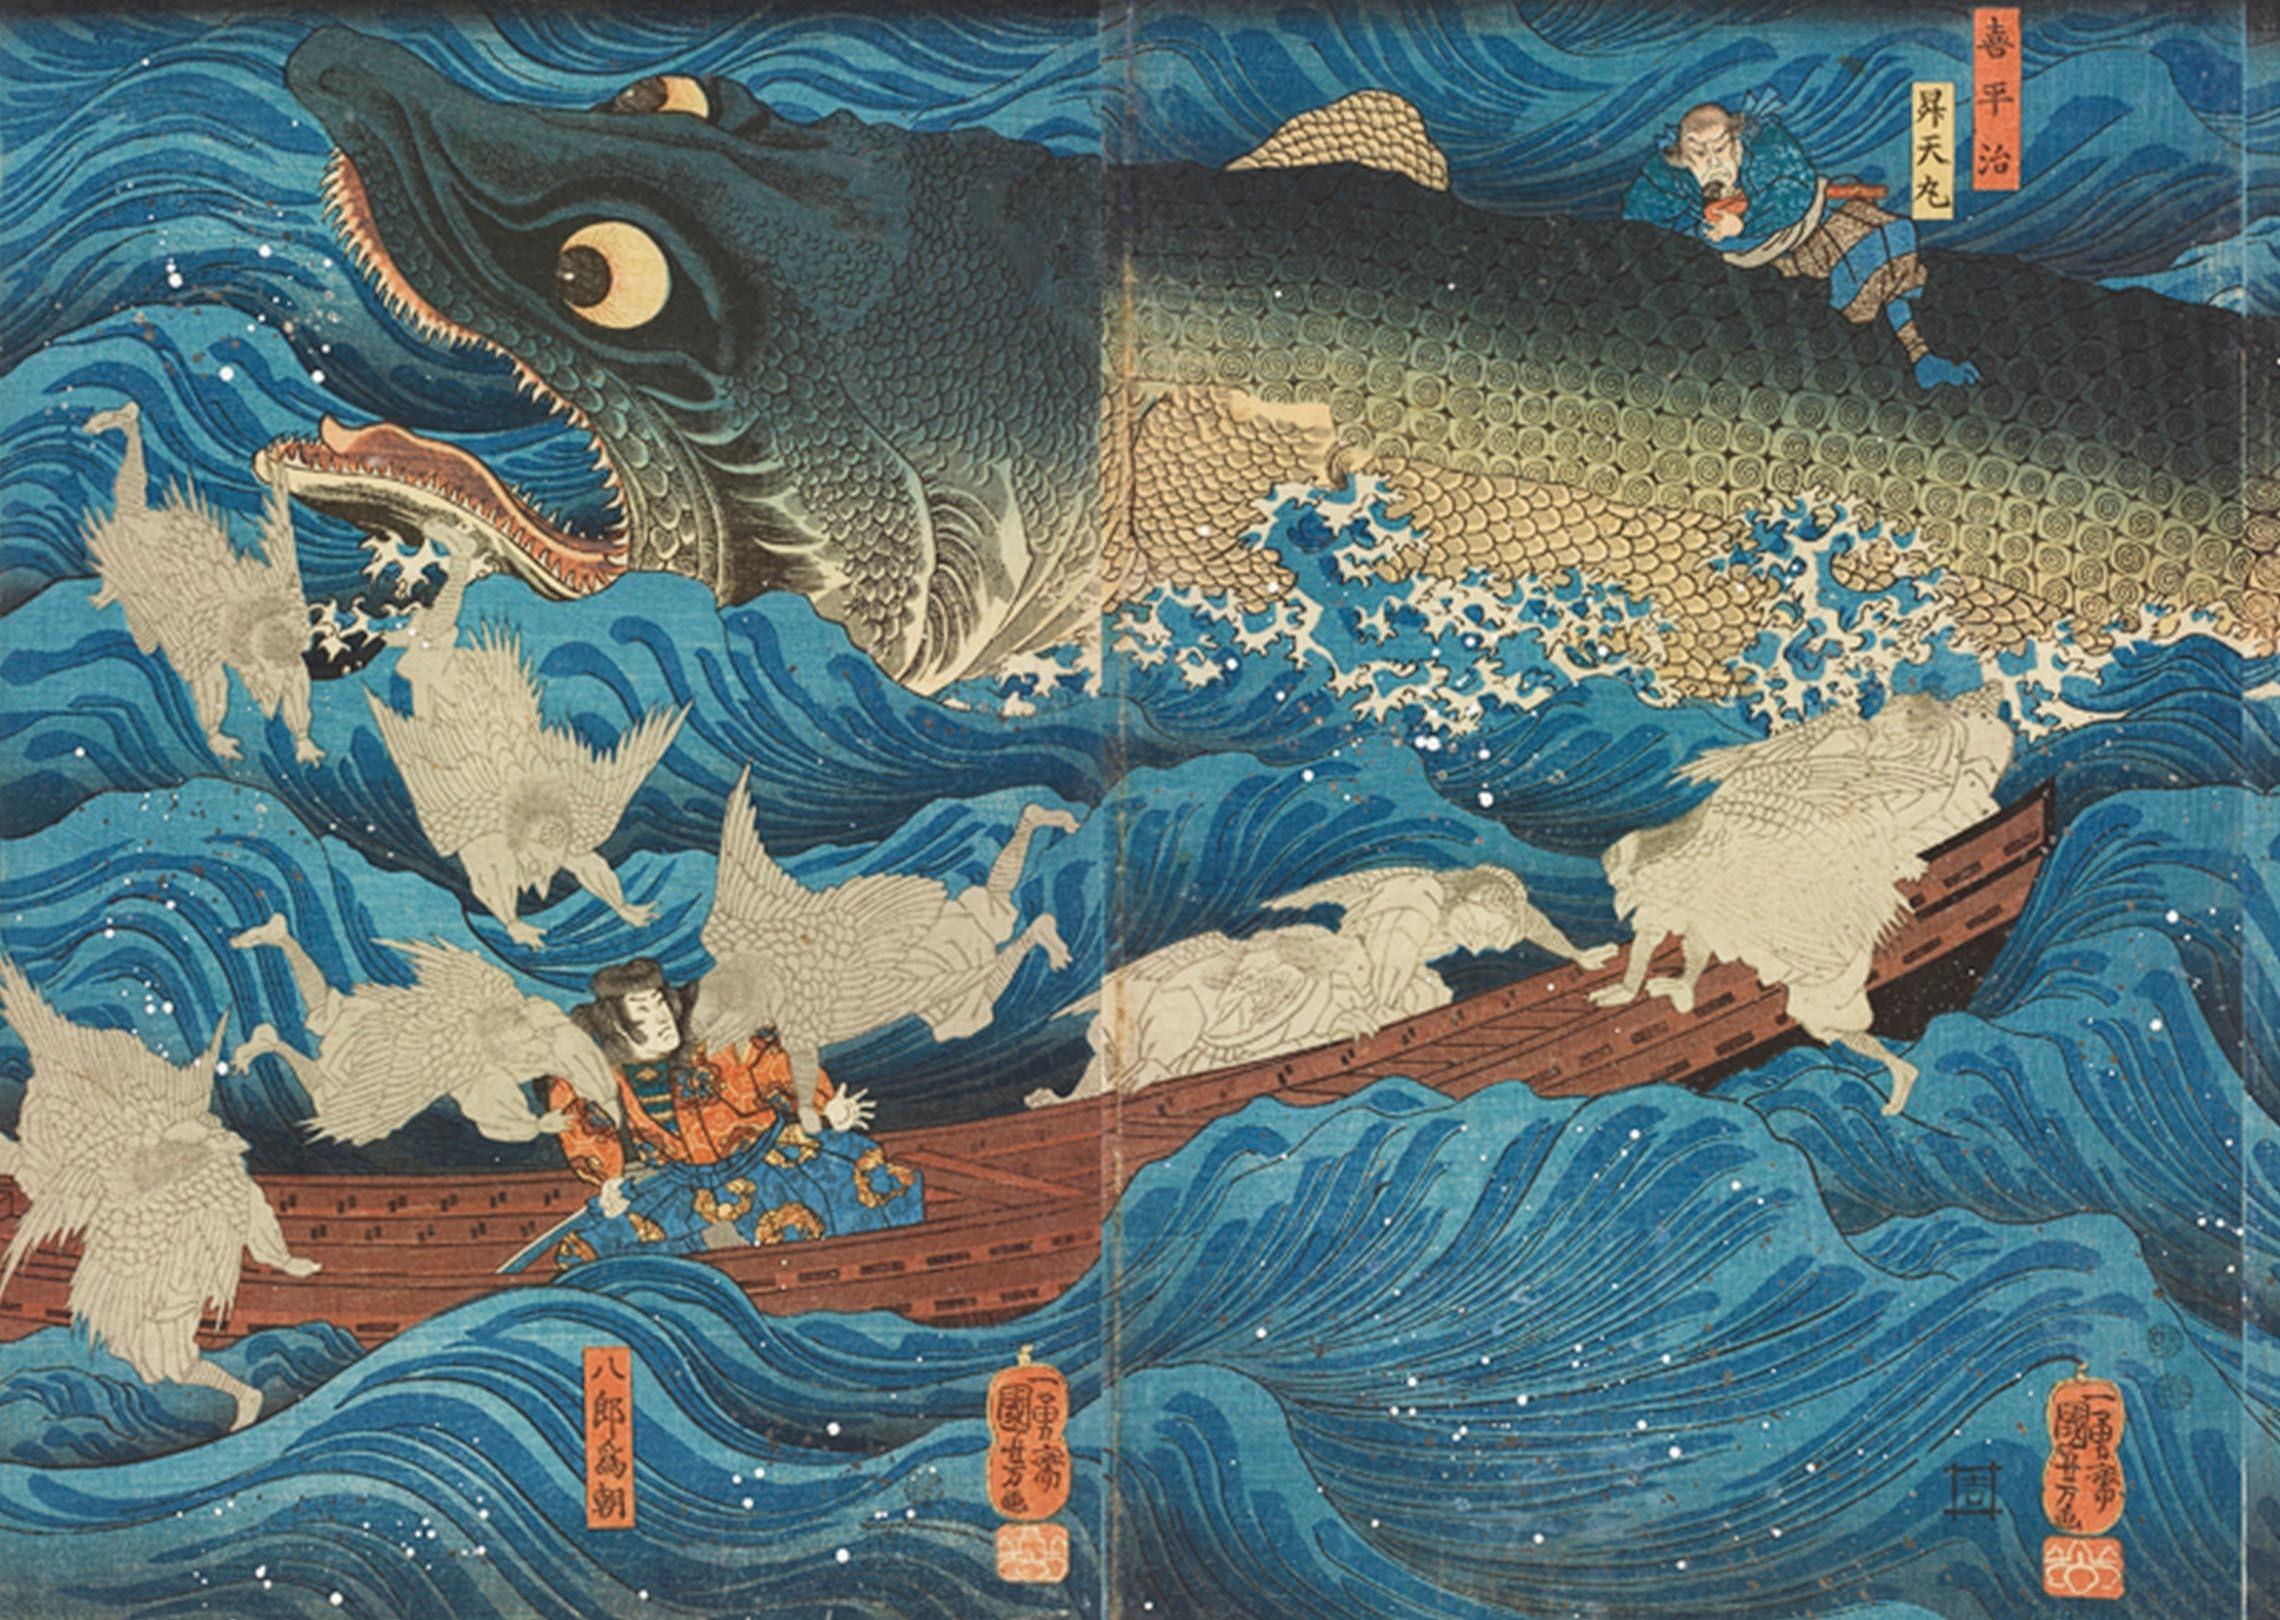 Stupisci il popolo di Edo e fallo ridere, Kuniyoshi!